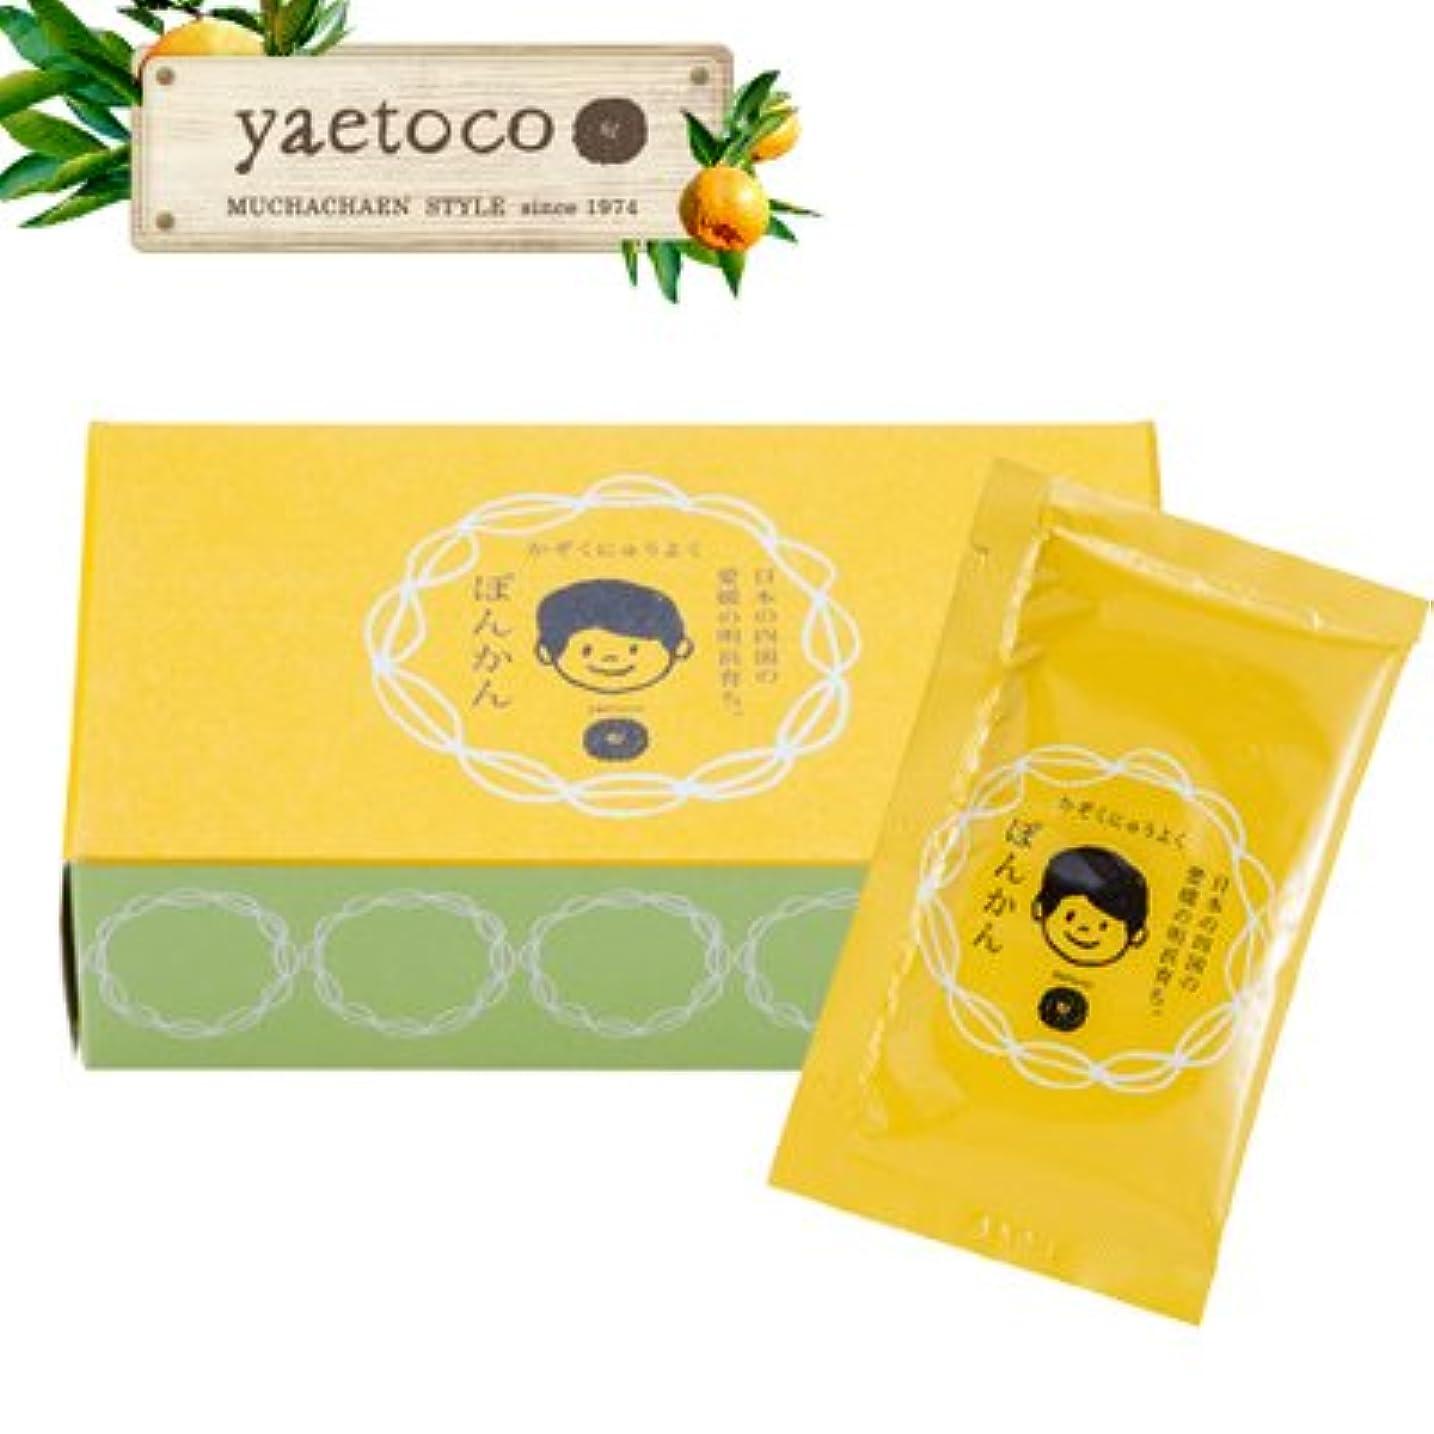 アメリカフィールド微視的yaetoco 家族入浴料 ぽんかん (50g×5包入り)